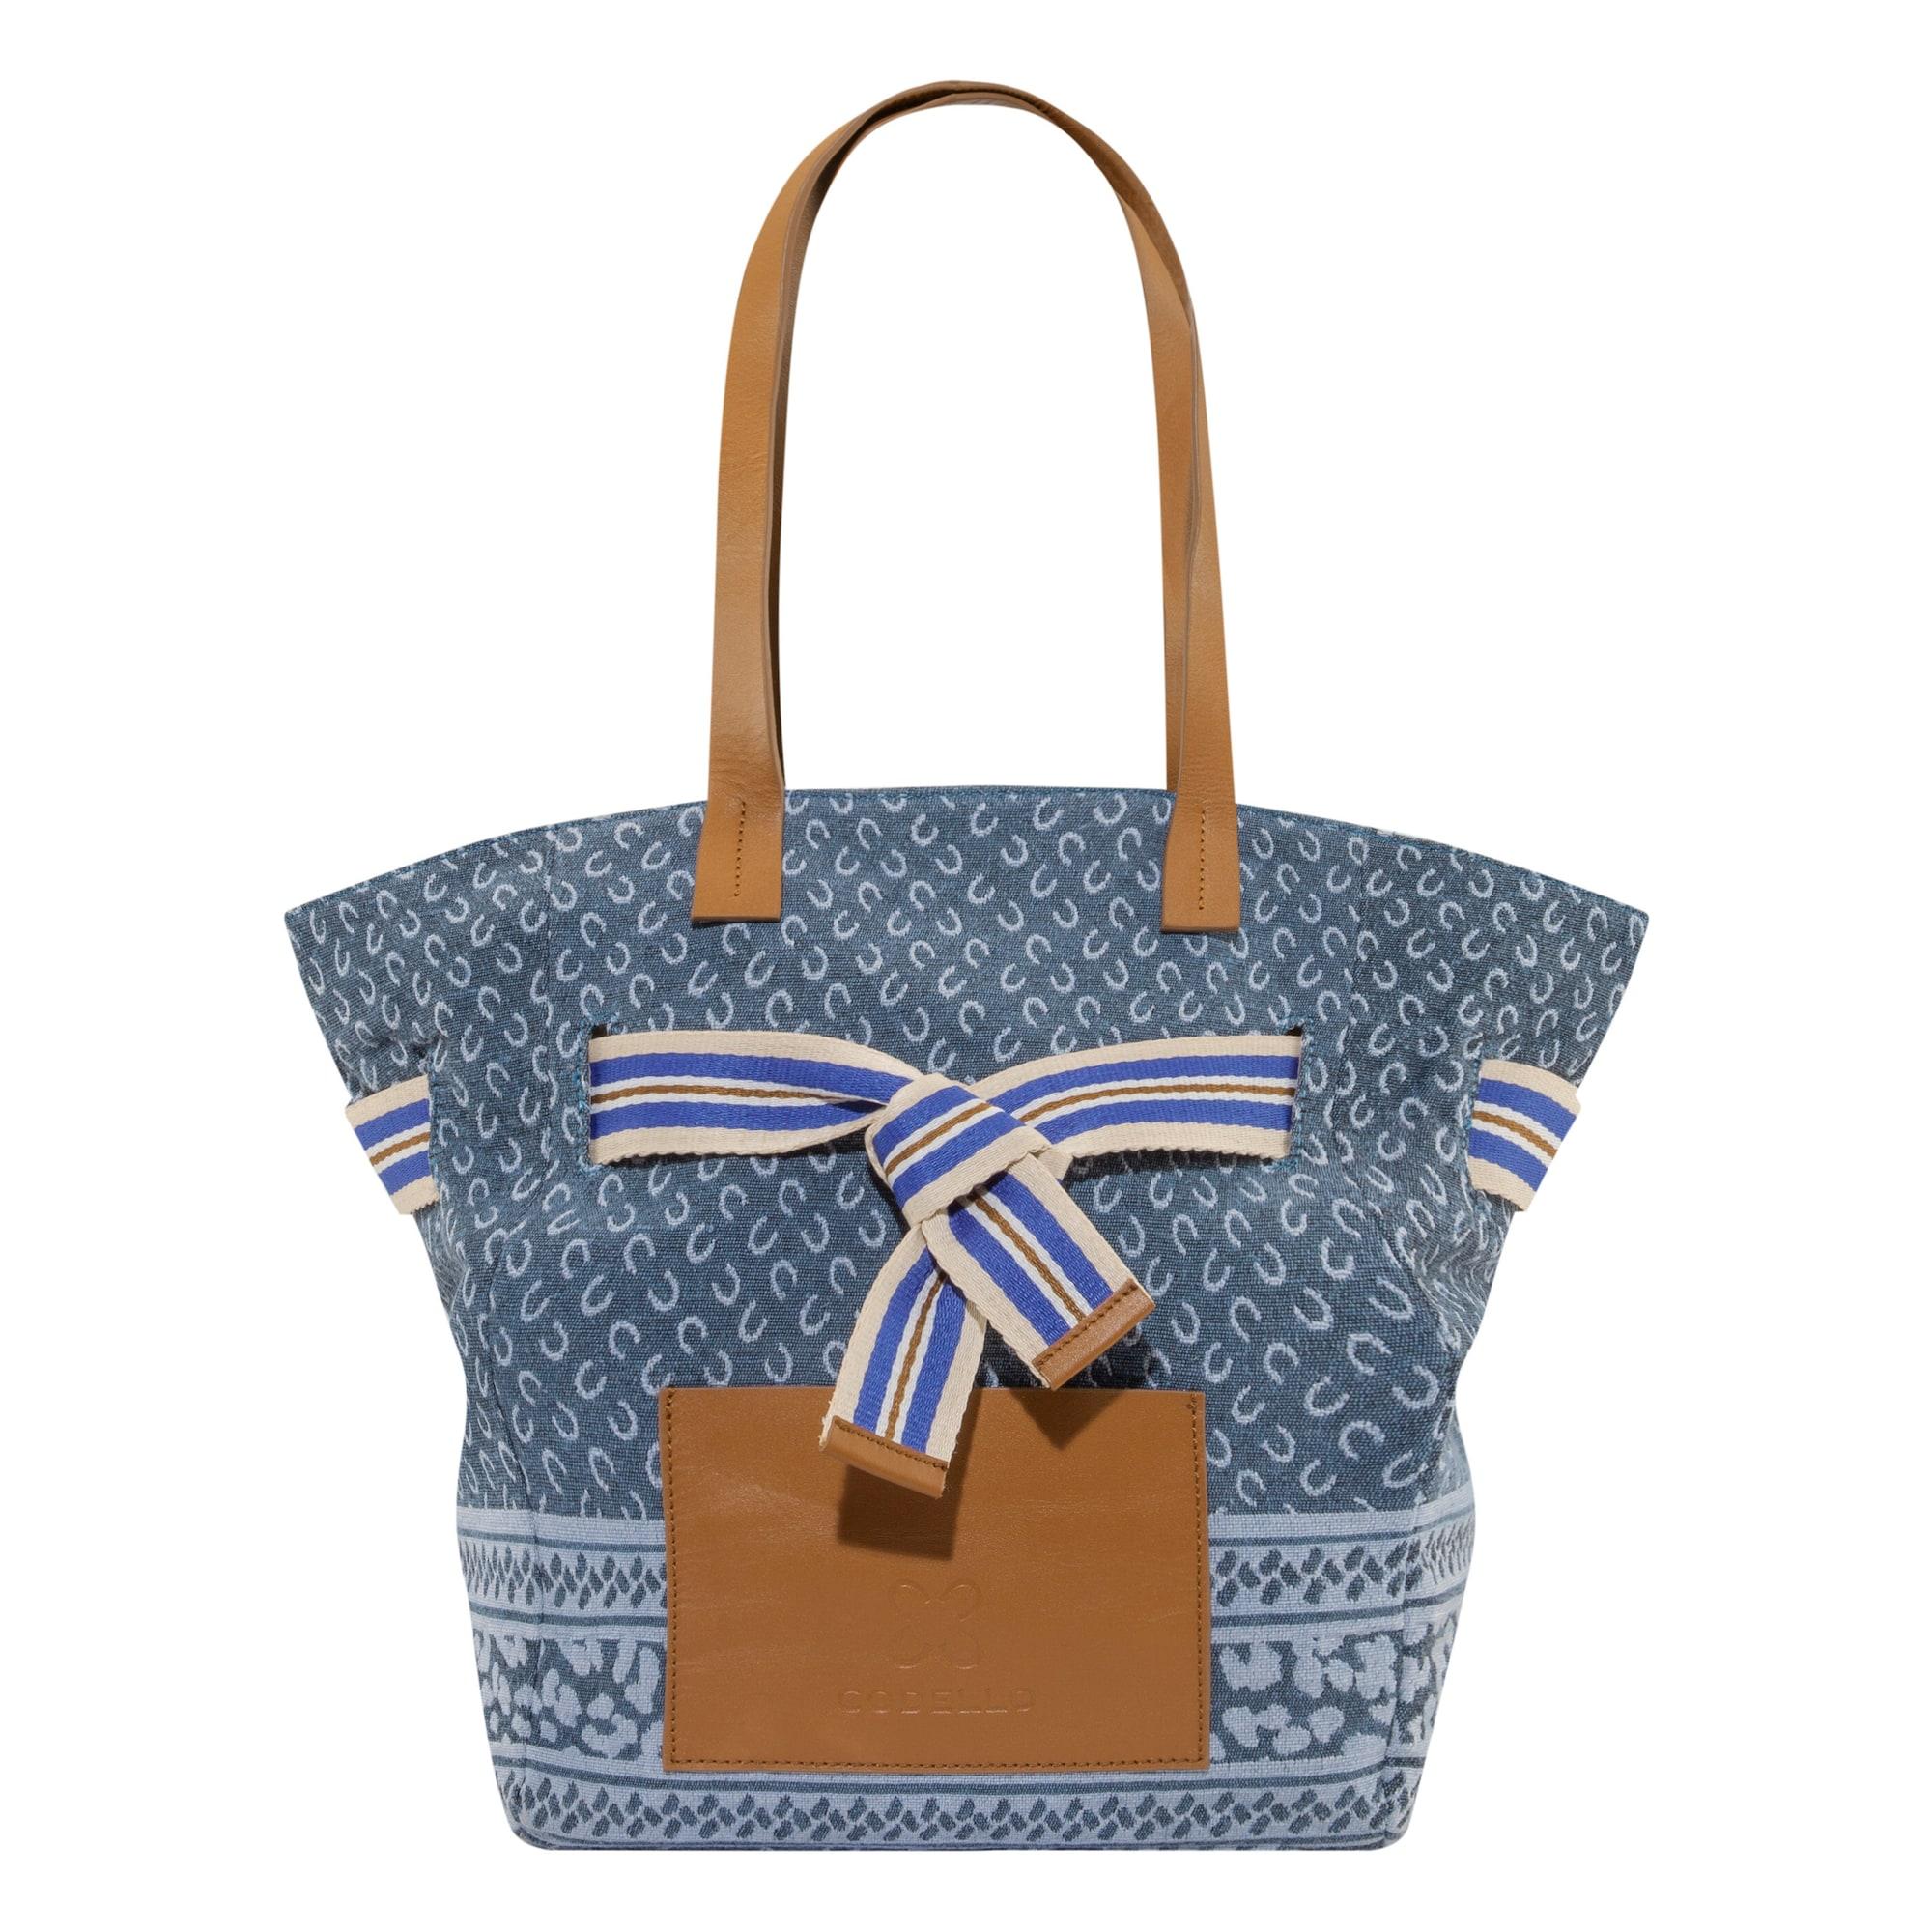 CODELLO Pirkinių krepšys šviesiai mėlyna / melsvai pilka / karamelės